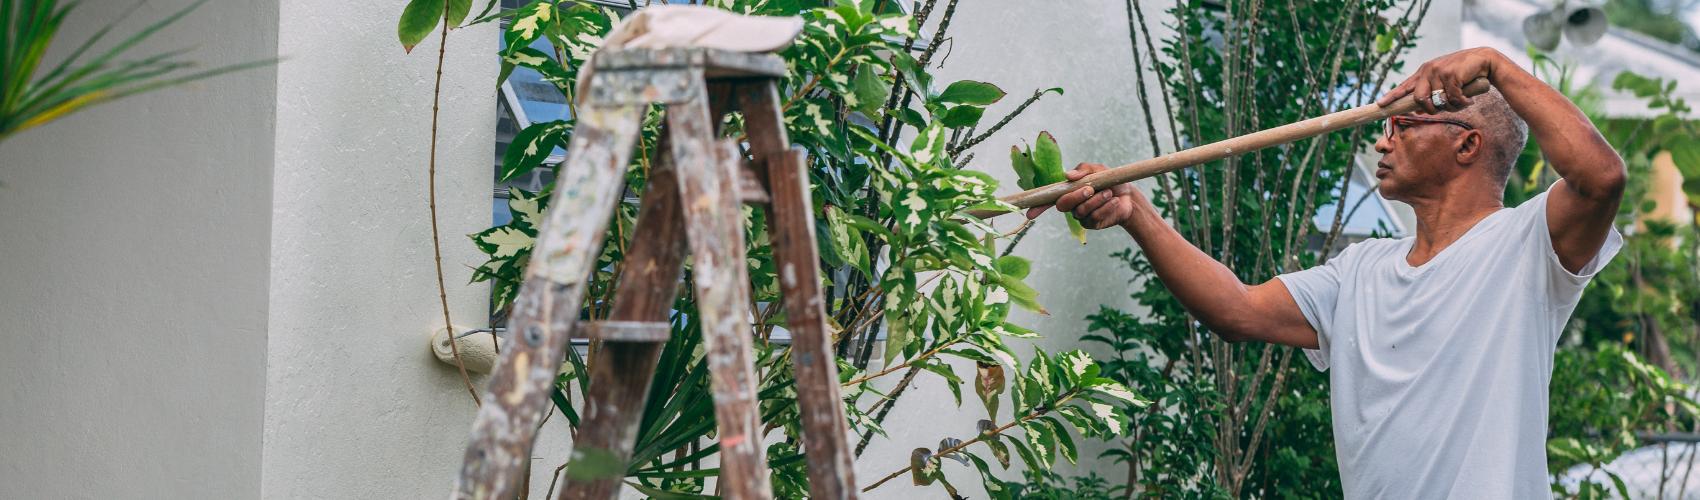 Simple Garden Ideas that can transform your garden